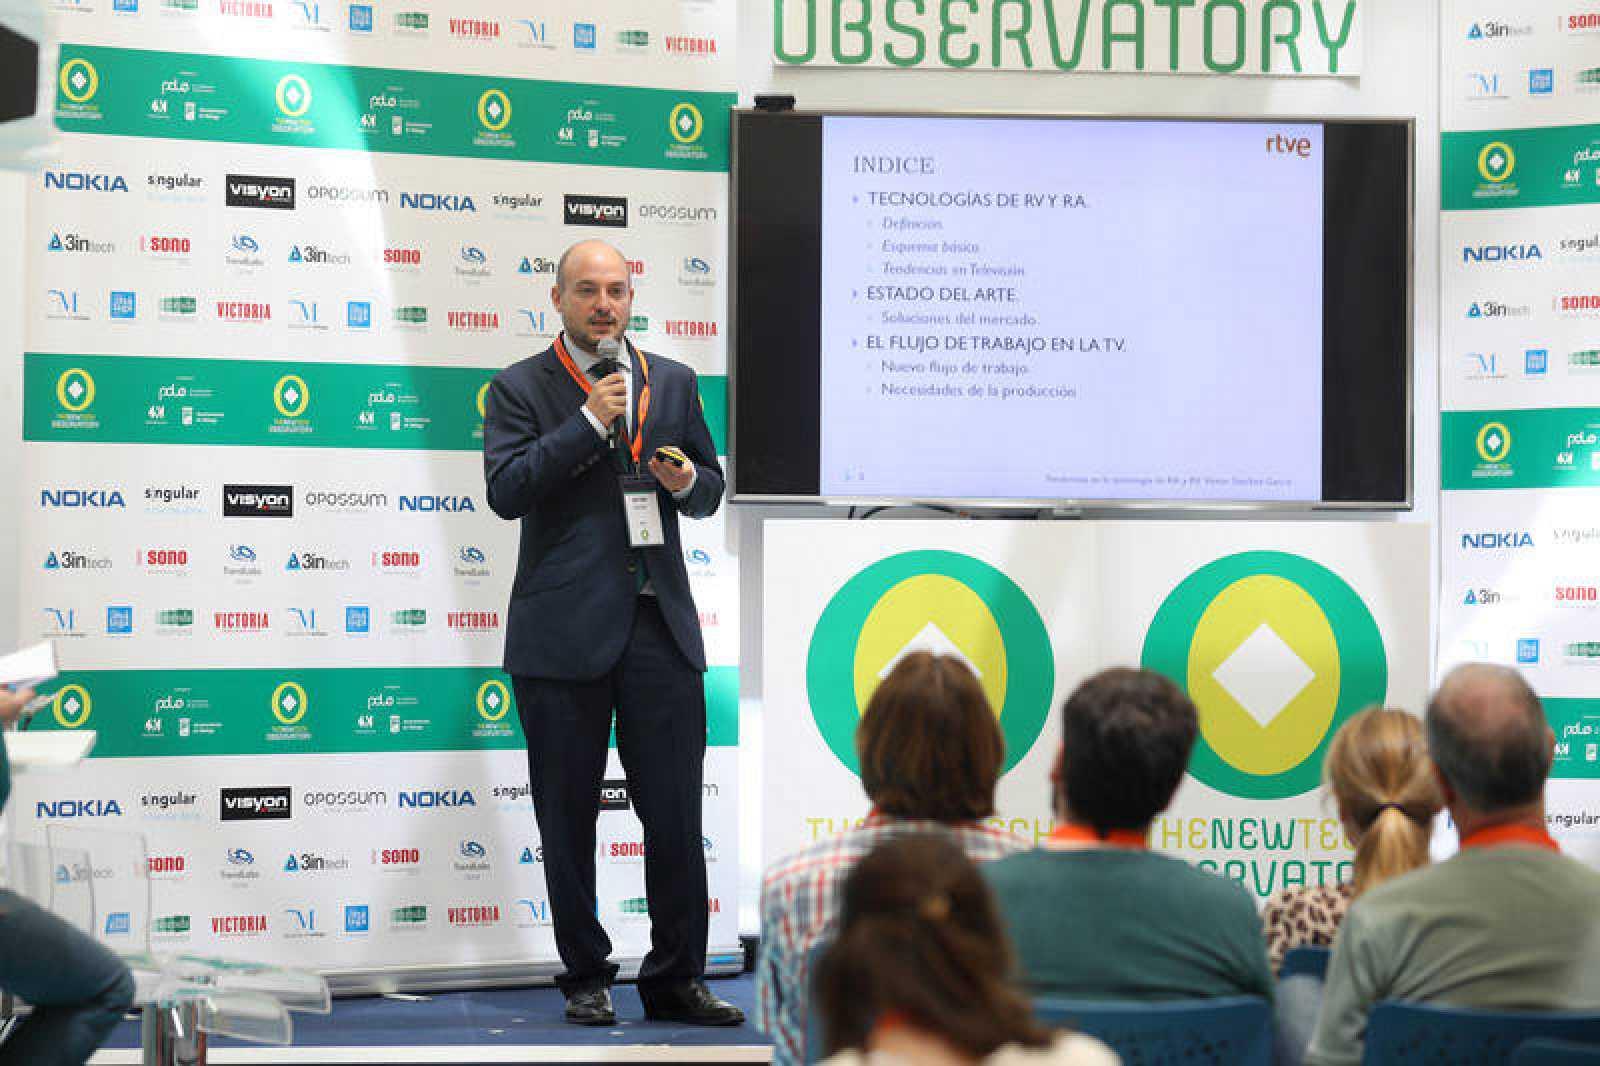 RTVE participa en el Observatorio de las Nuevas Tecnologías de MálagaRTVE participa en el Observatorio de las Nuevas Tecnologías de Málaga